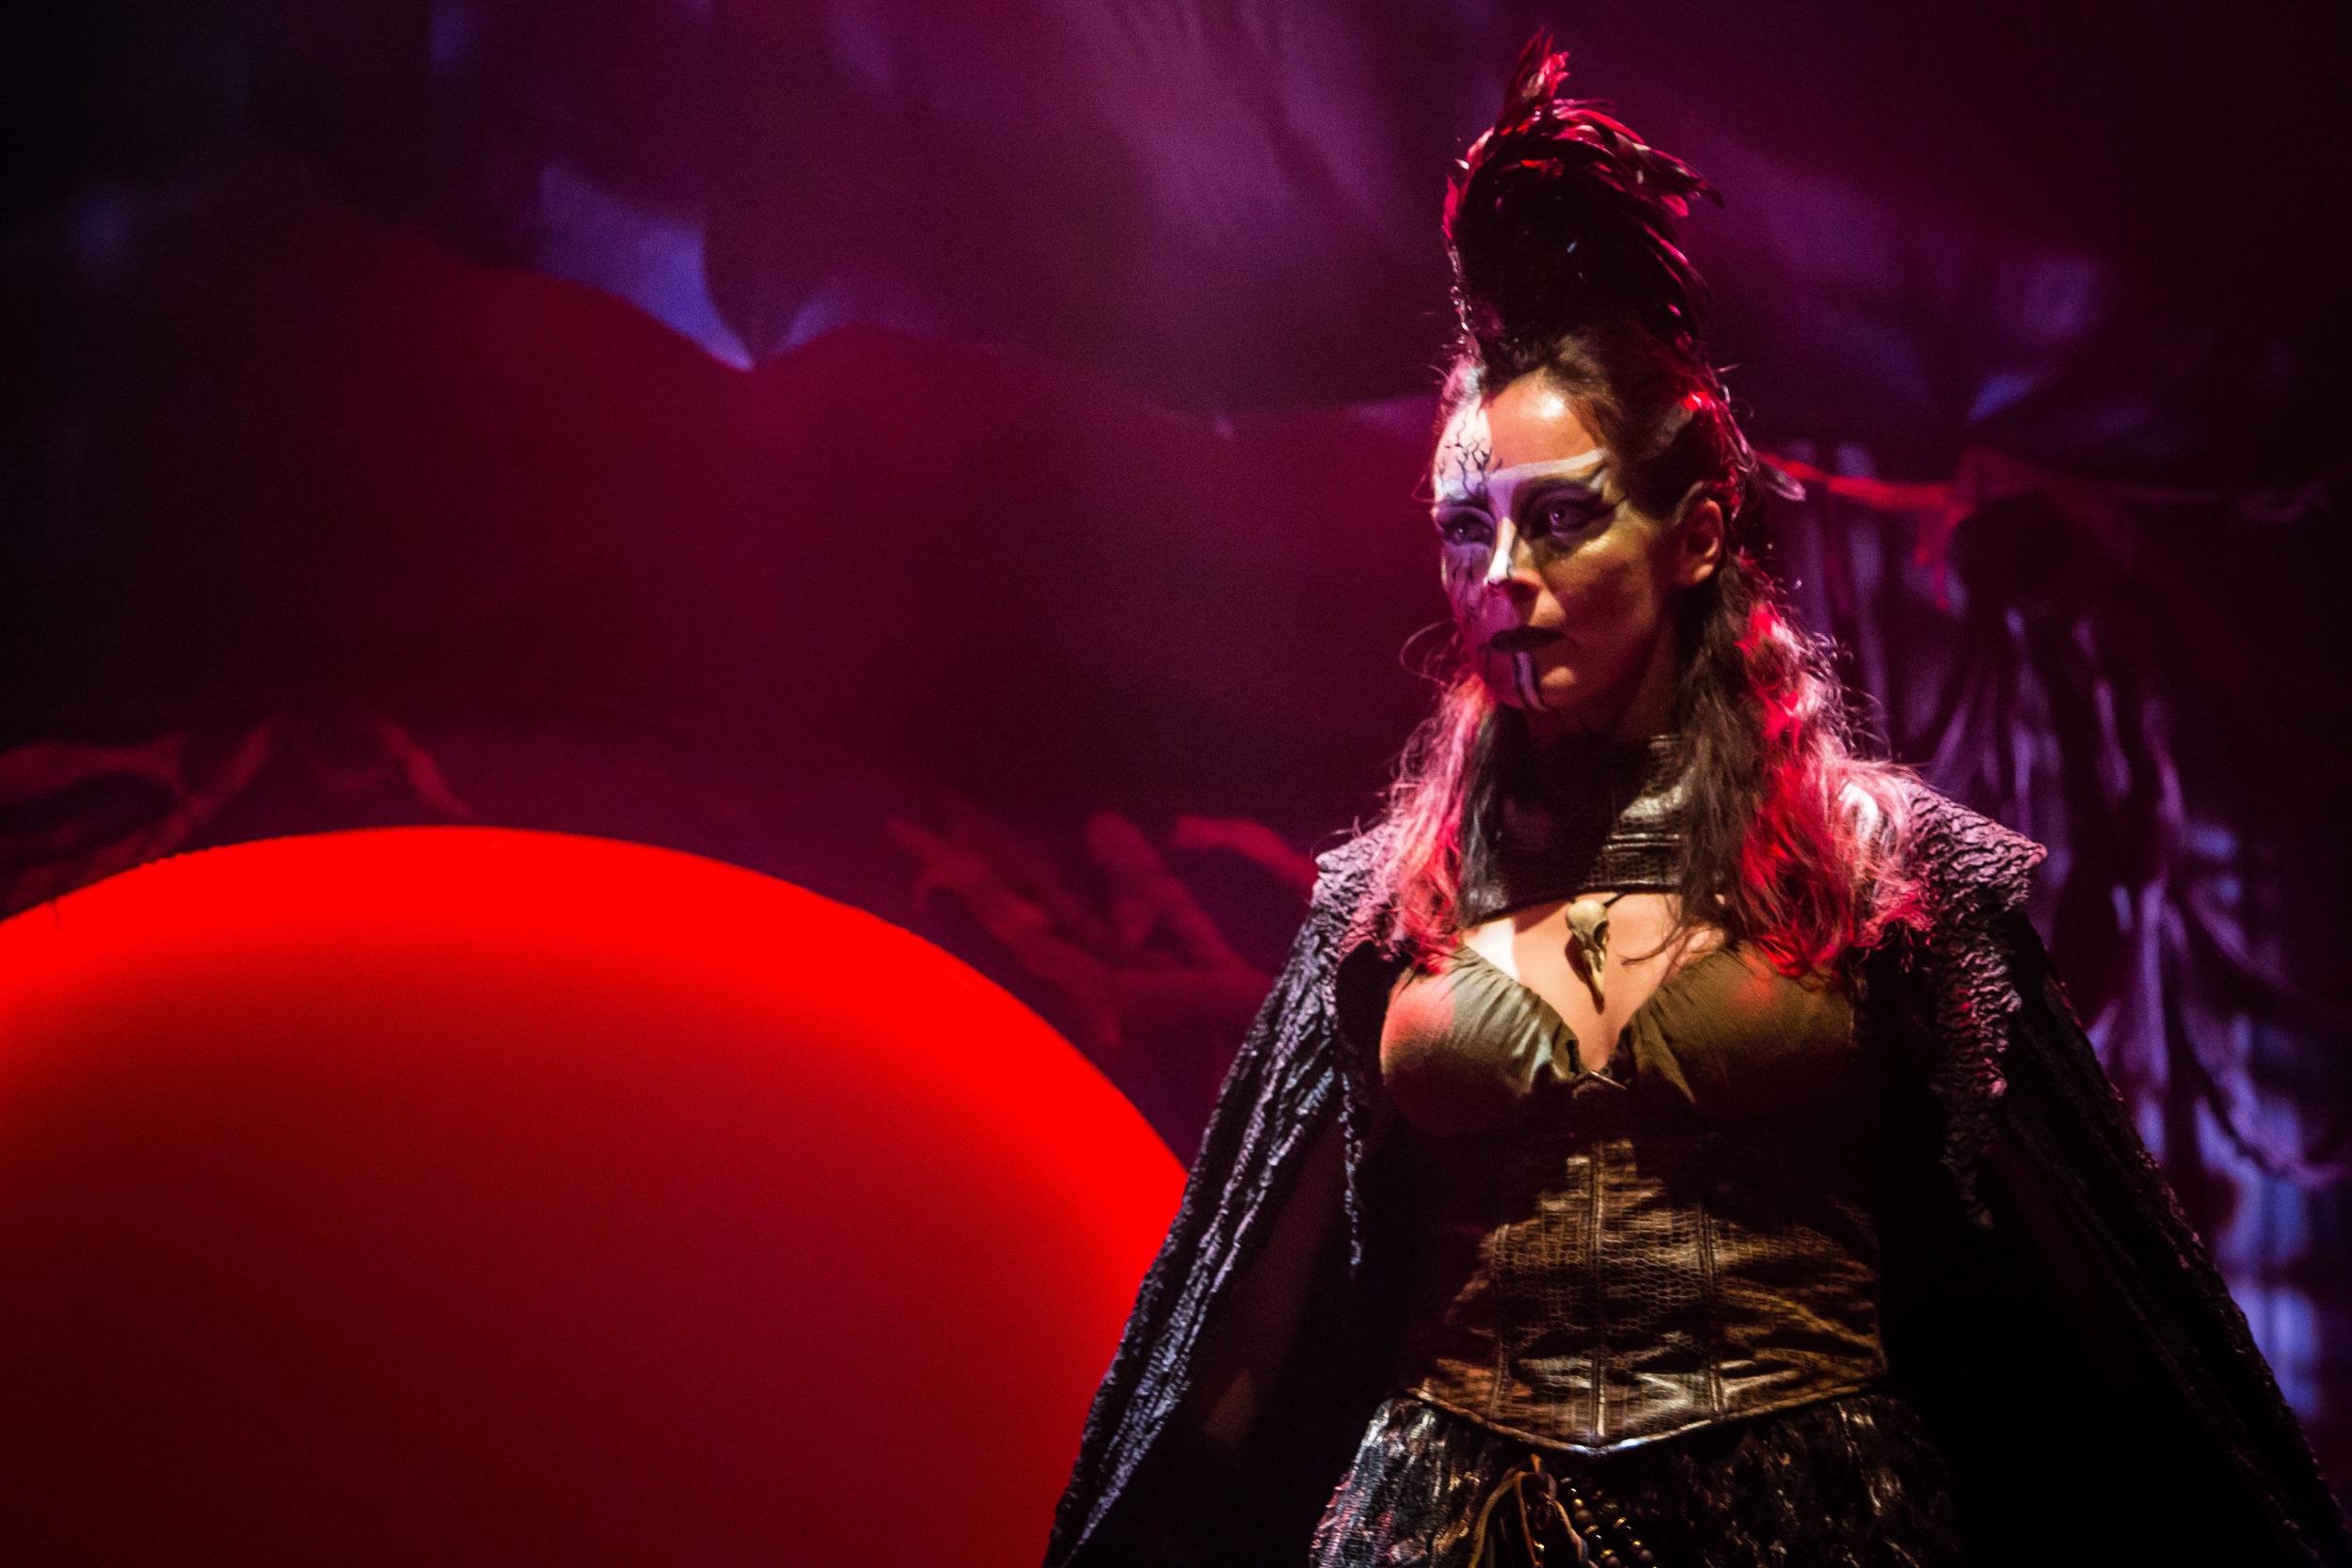 Renata Veberyte Loman narratesSynetic Theater's new adaptation. (Johnny Shryock)